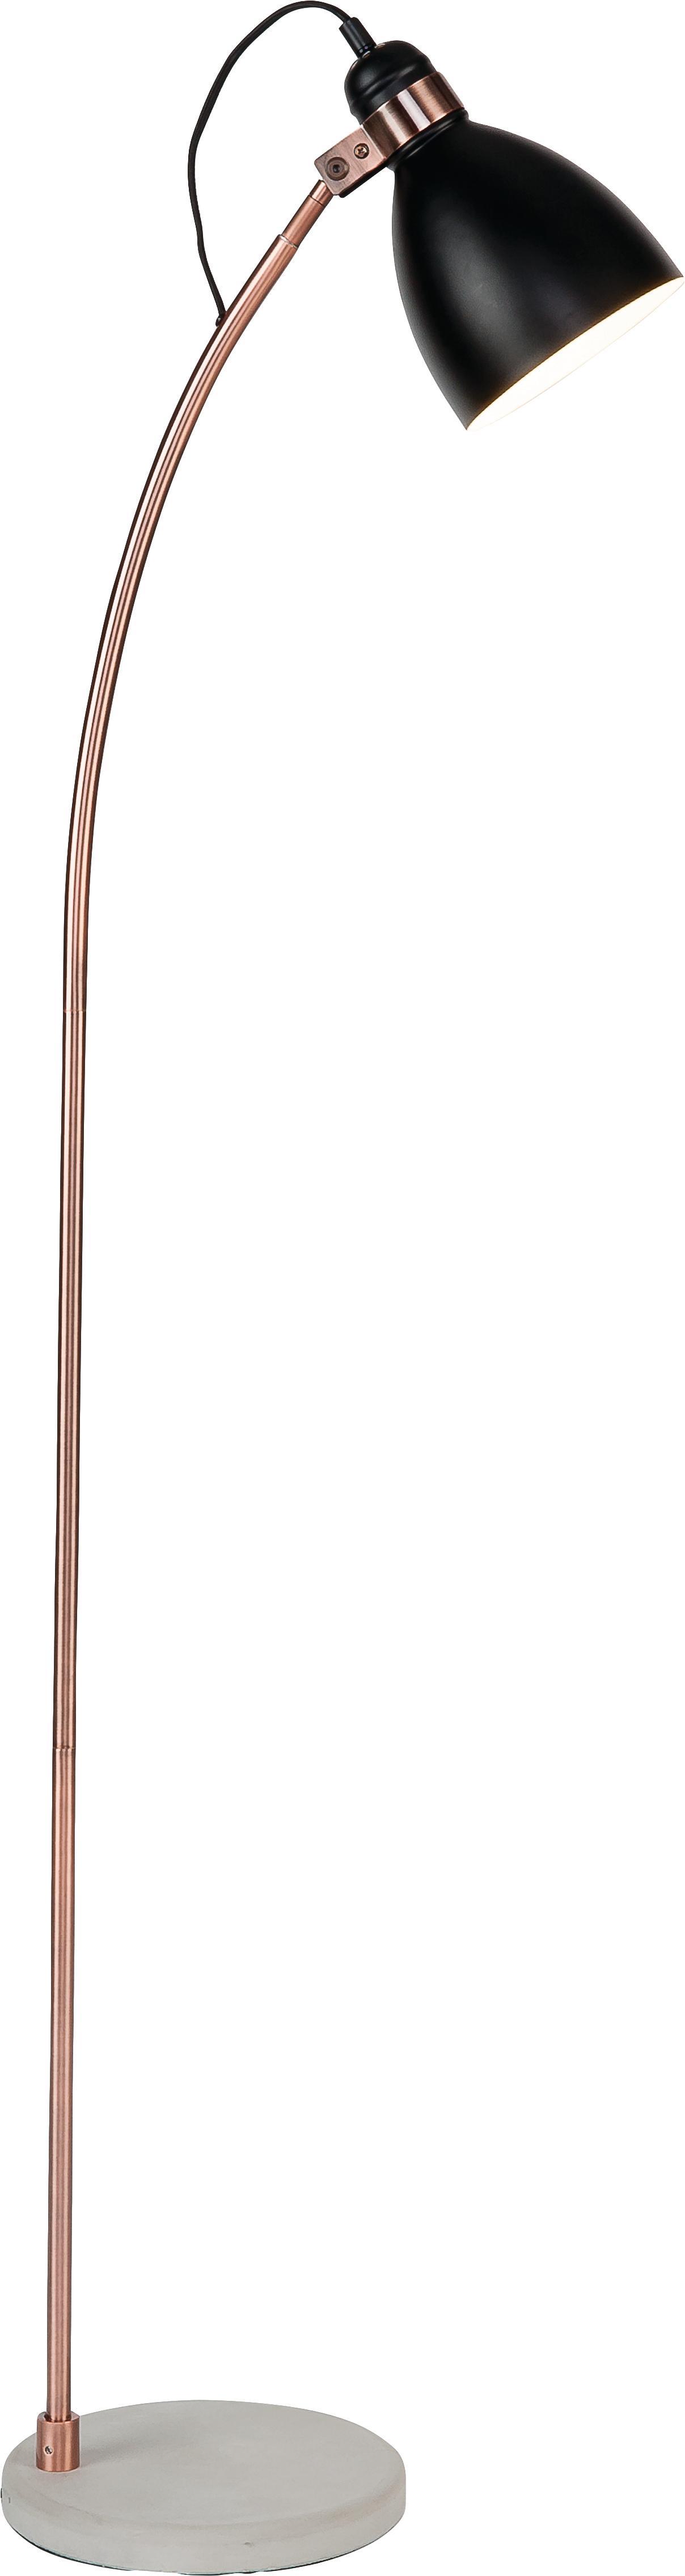 Lámpara de pie con base de cemento Denver, Pantalla: hierro recubierto, Estructura: hierro, cobre, Cable: cubierto en tela, Negro, cobre, cemento, An 37 x Al 145 cm